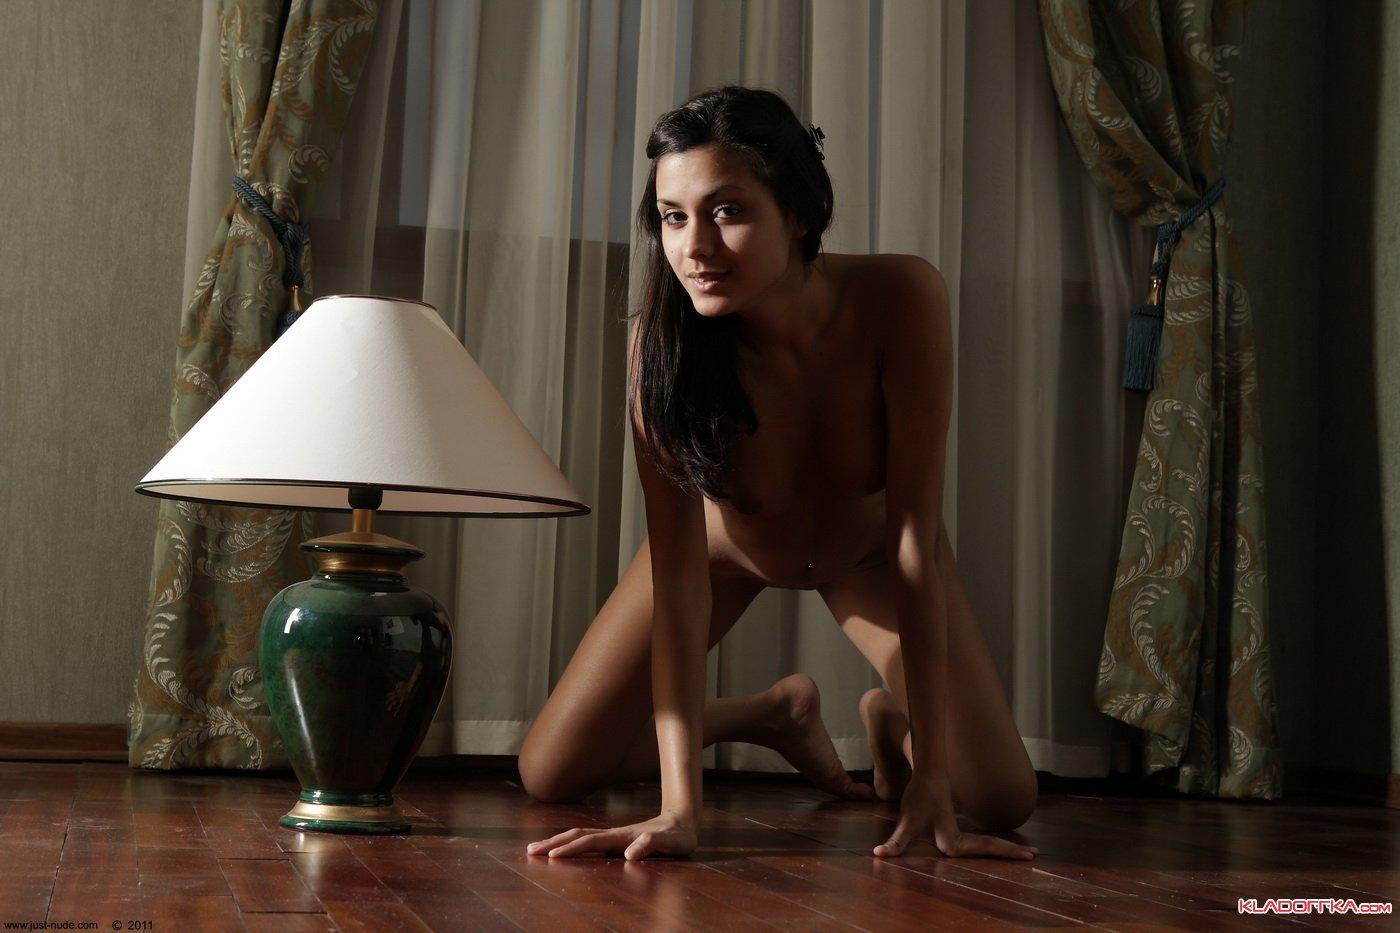 Секс в полутьме 6 фотография